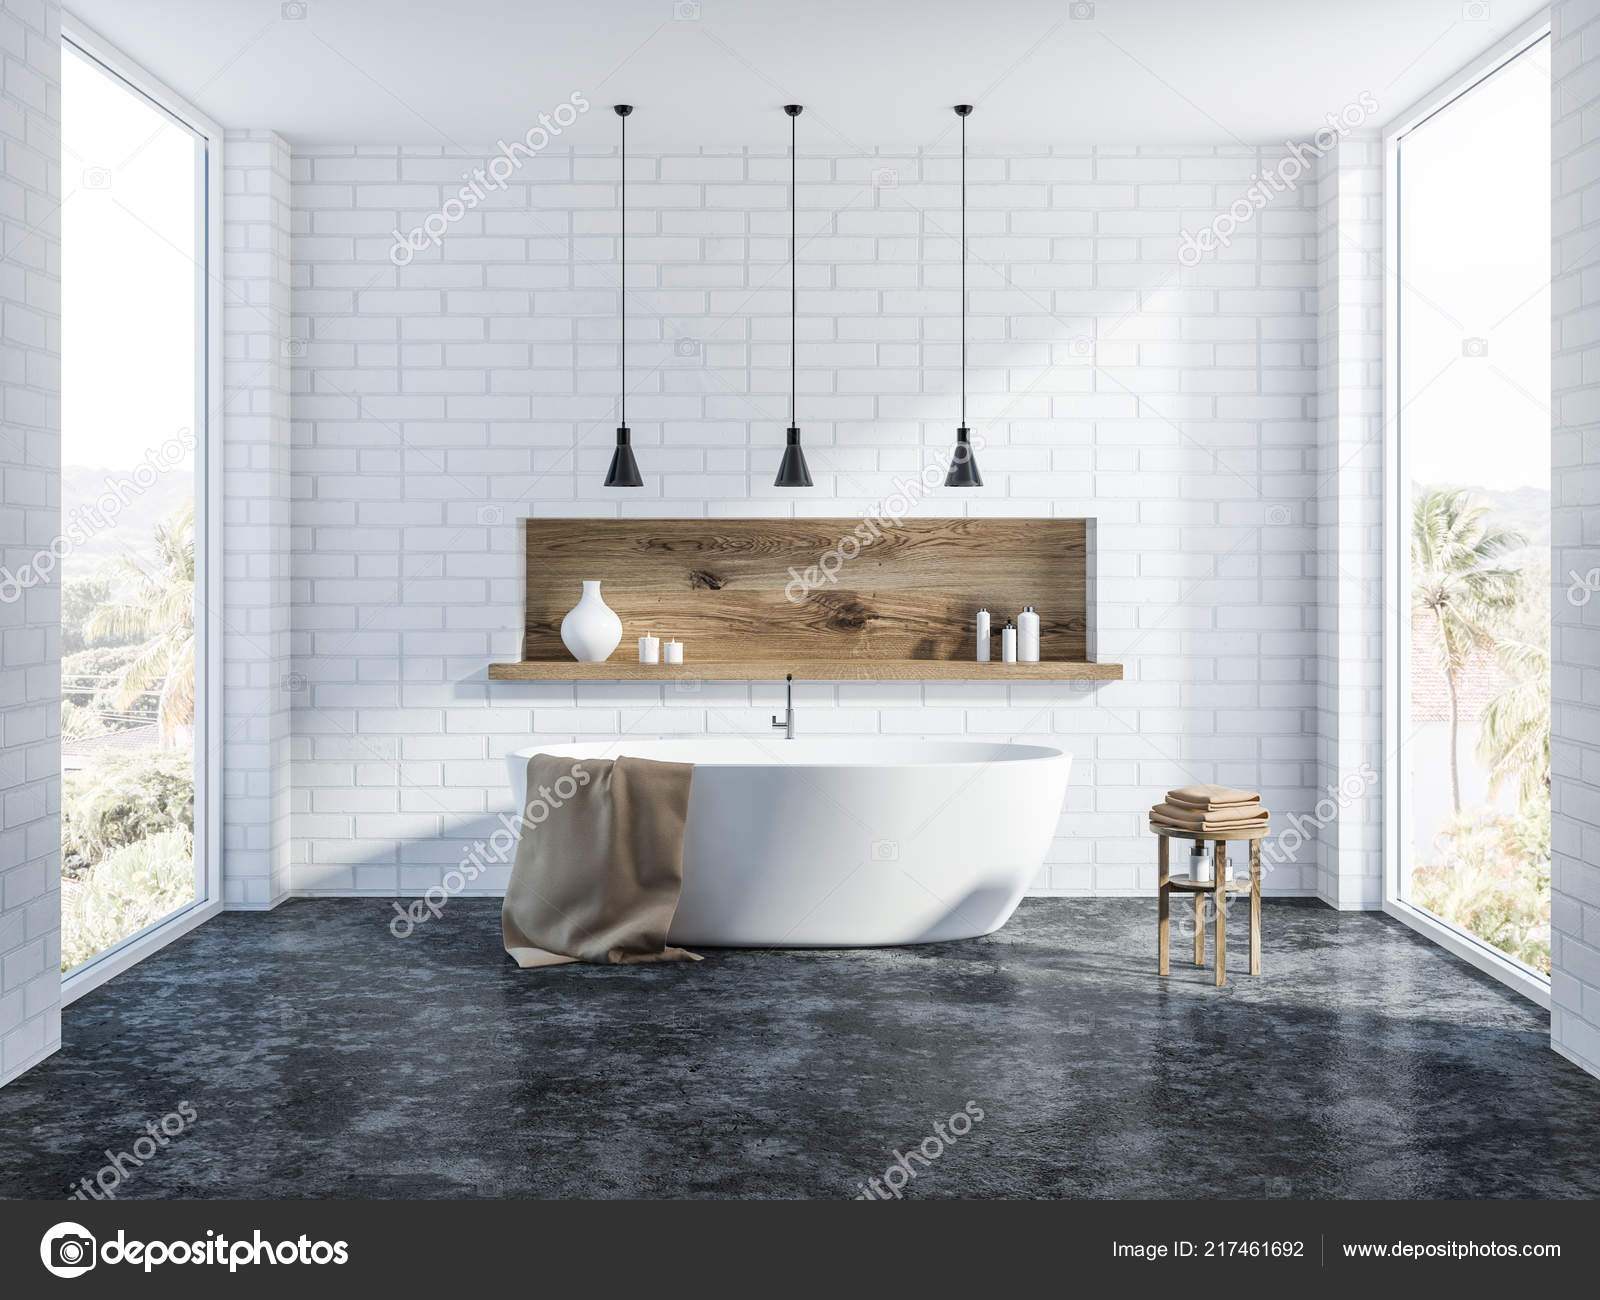 Vasca Da Bagno In Cemento : Interiore stanza bagno mattoni bianchi con pavimento cemento una